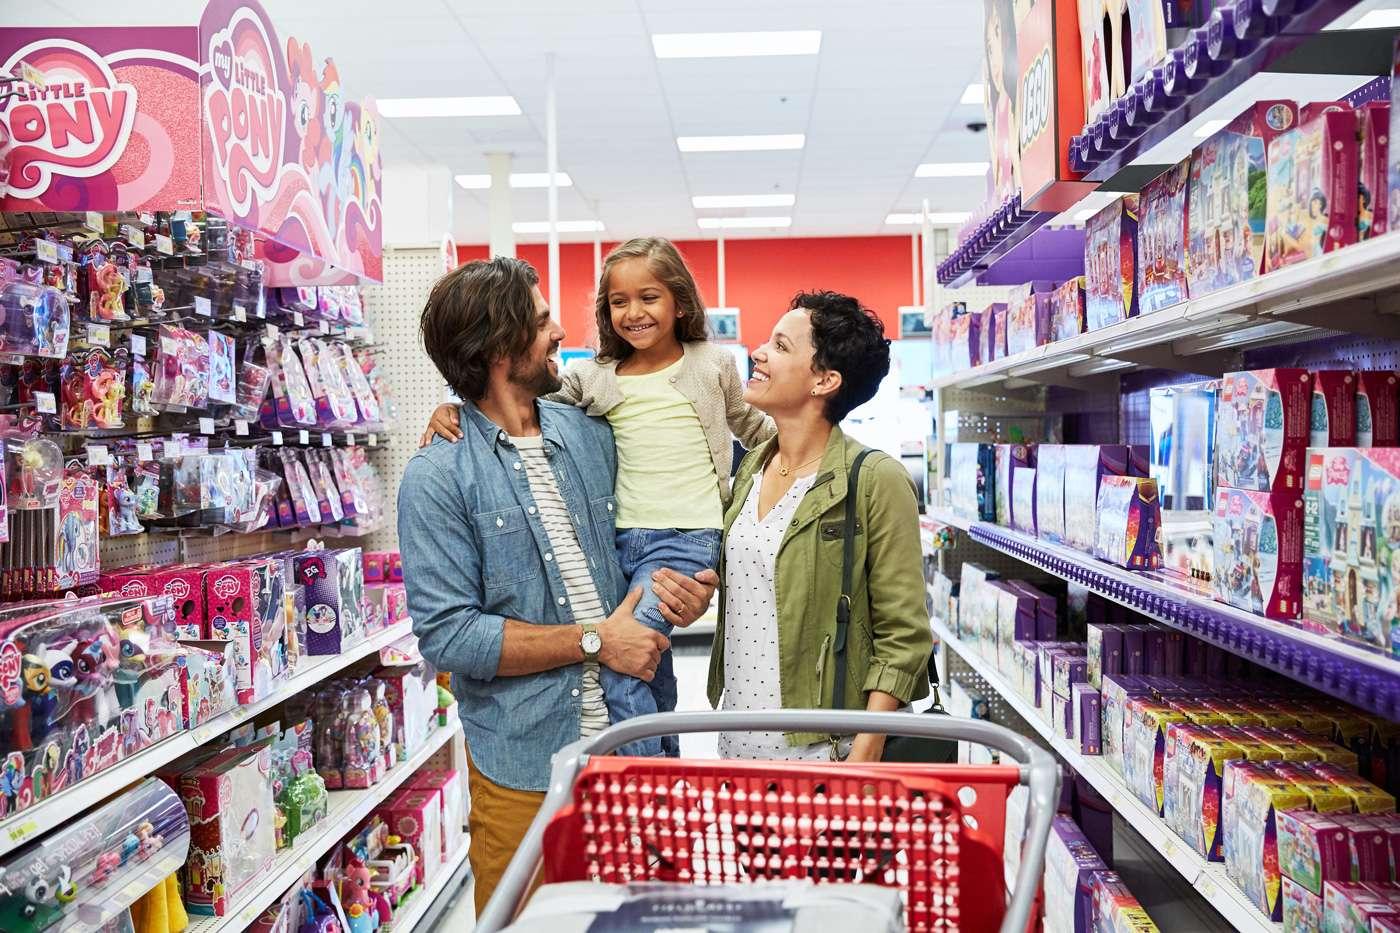 Η ροπή προς κατανάλωση δεν πρέπει να εκλαμβάνεται αποκλειστικά ως ποσοτικό μέγεθος, αλλά κι ως αυξητική ή καθοδική τάση.